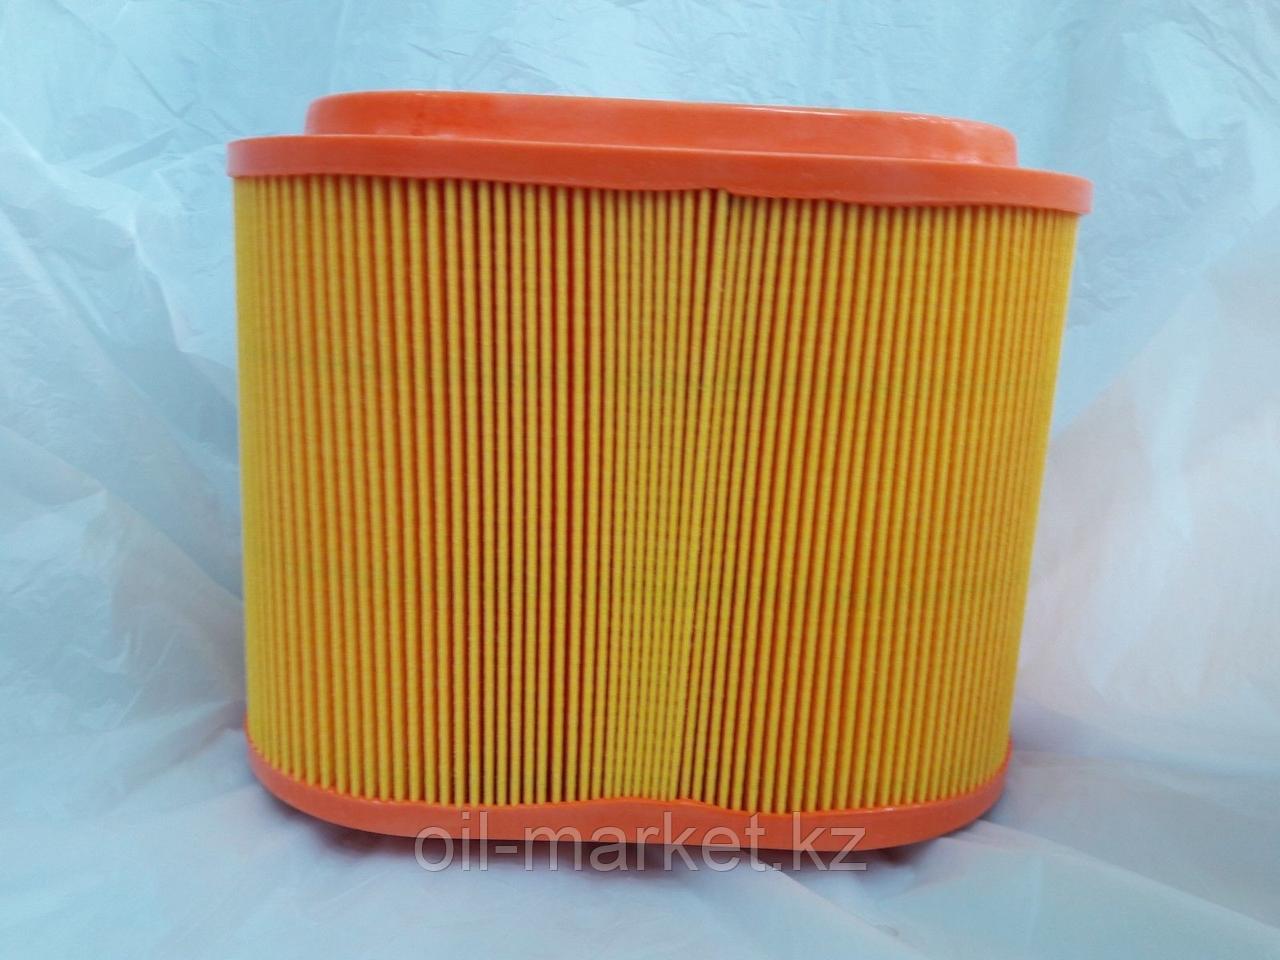 Воздушный фильтр Hyundai H1/Starex 97-07 2.5